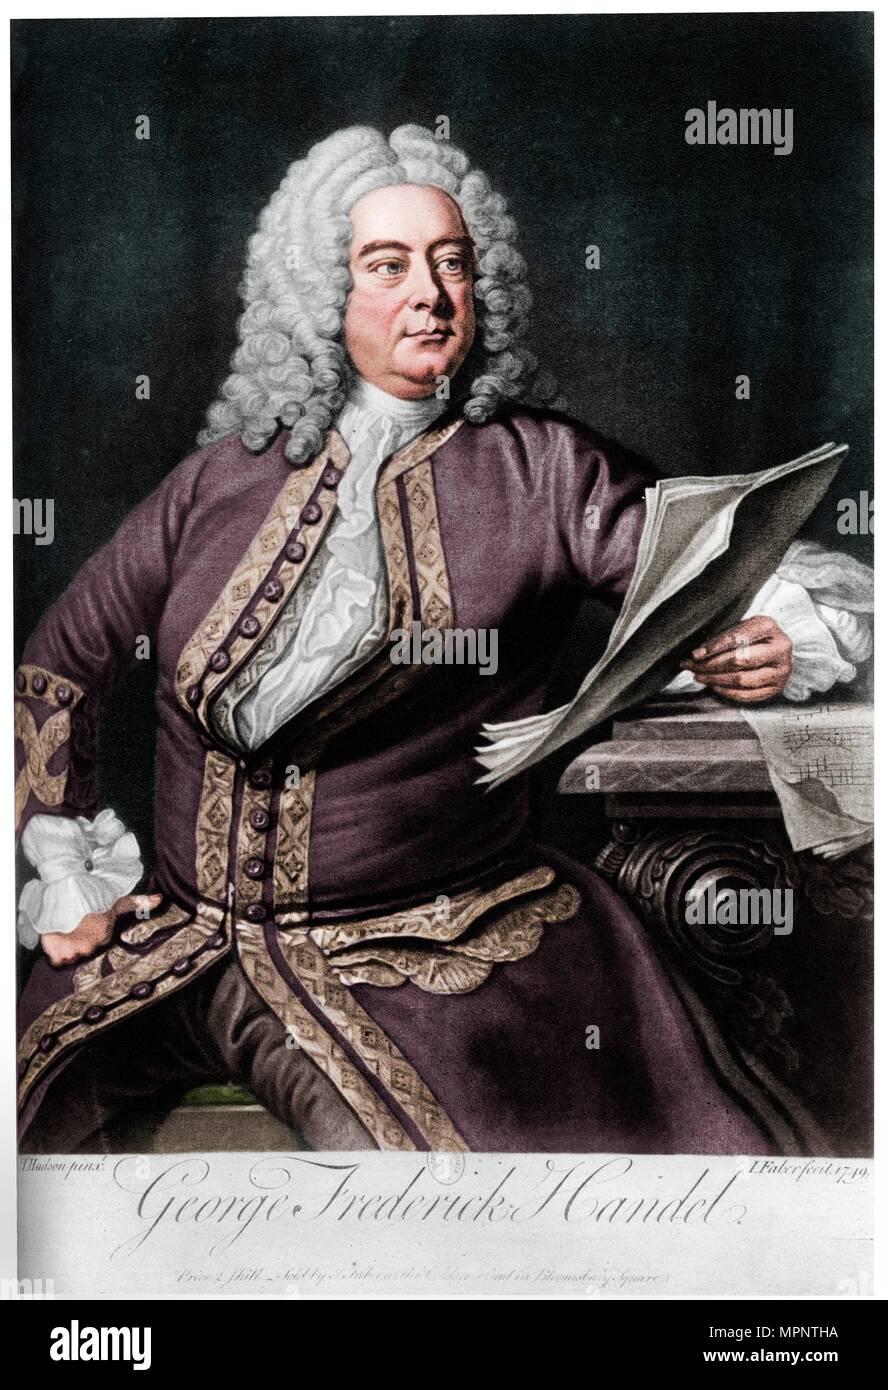 Georg Friedrich Händel, in Deutschland geborene britische Barockkomponisten, 1749. Artist: Johannes Faber der Jüngere. Stockbild